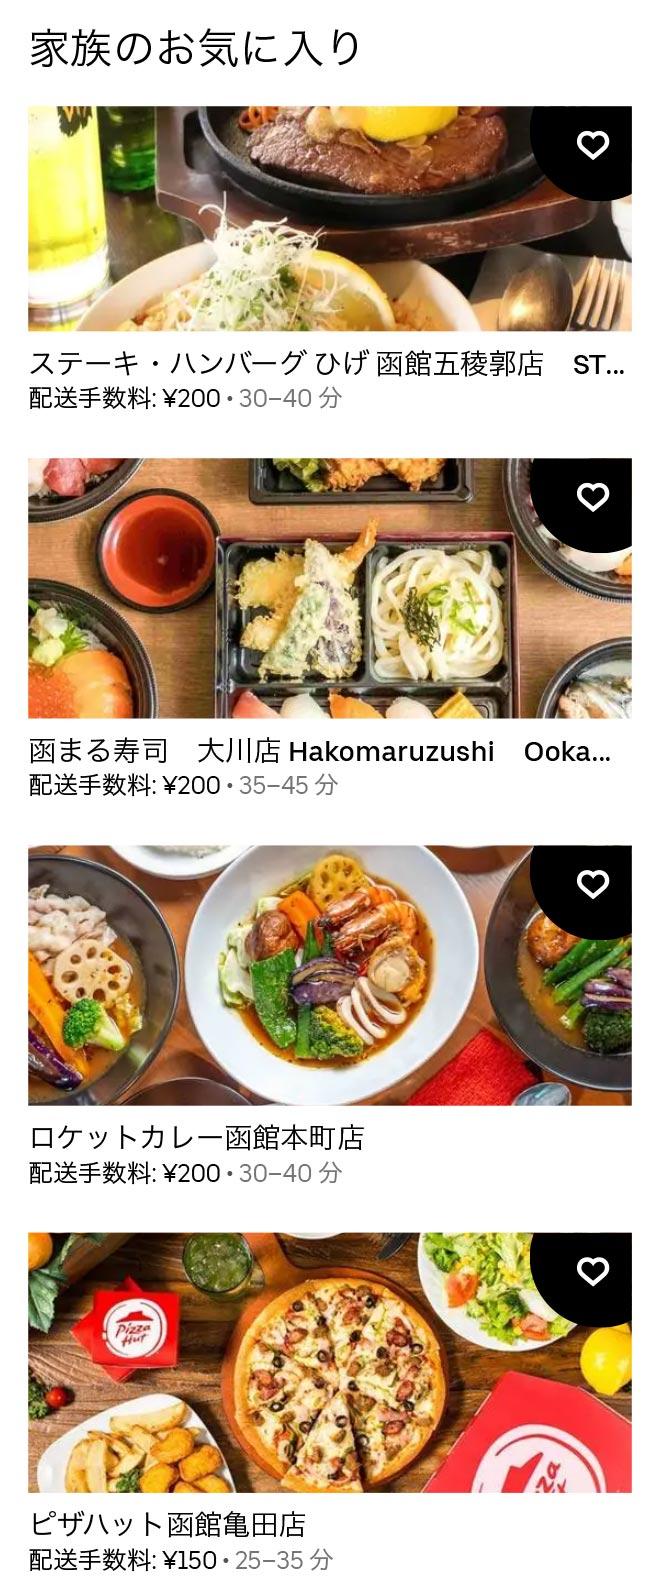 U hakodate menu 2104 02